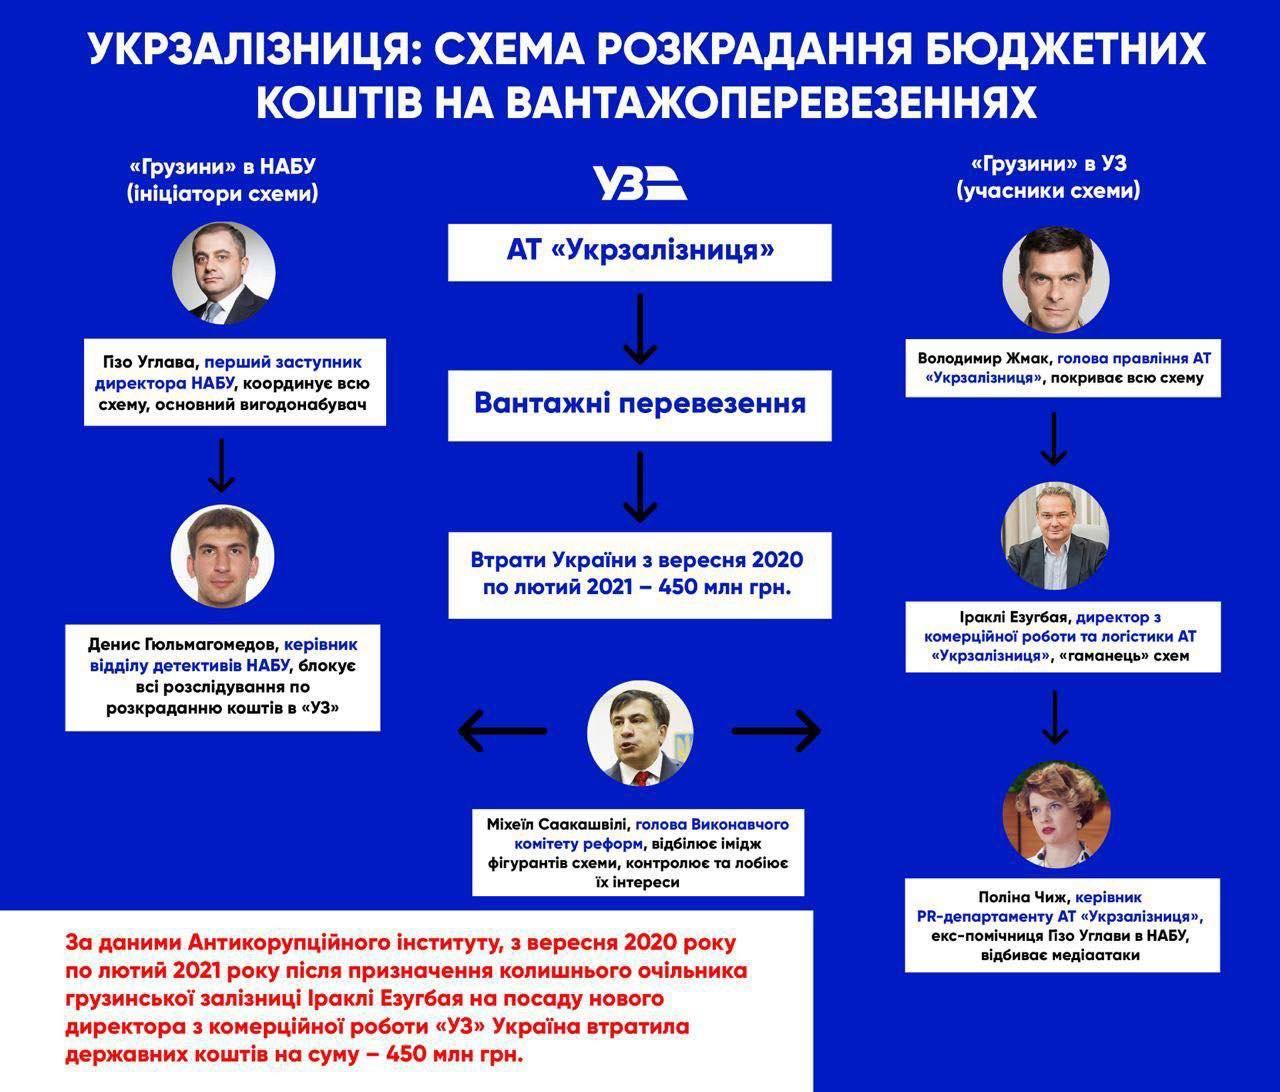 """Приватизация """"Укрзализныци"""": юрист объяснил, зачем украинскую компанию загоняют в убытки и при чем тут НАБУ"""